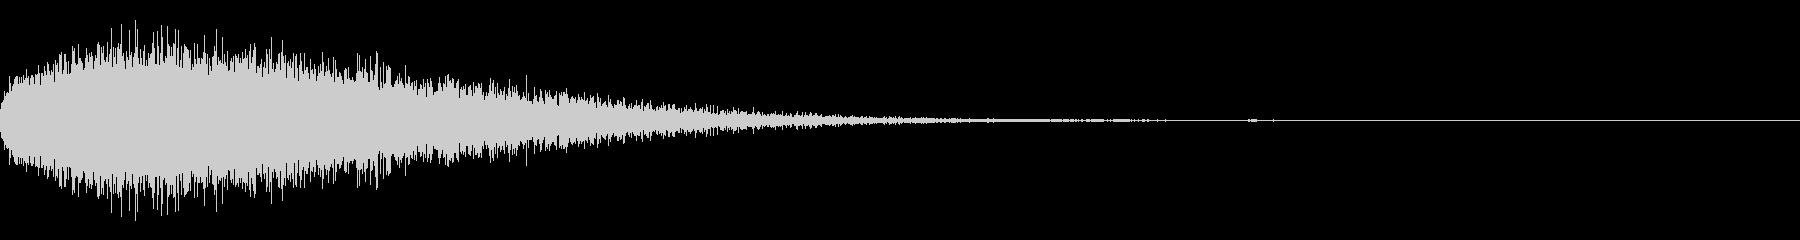 シューン_消滅する音の未再生の波形